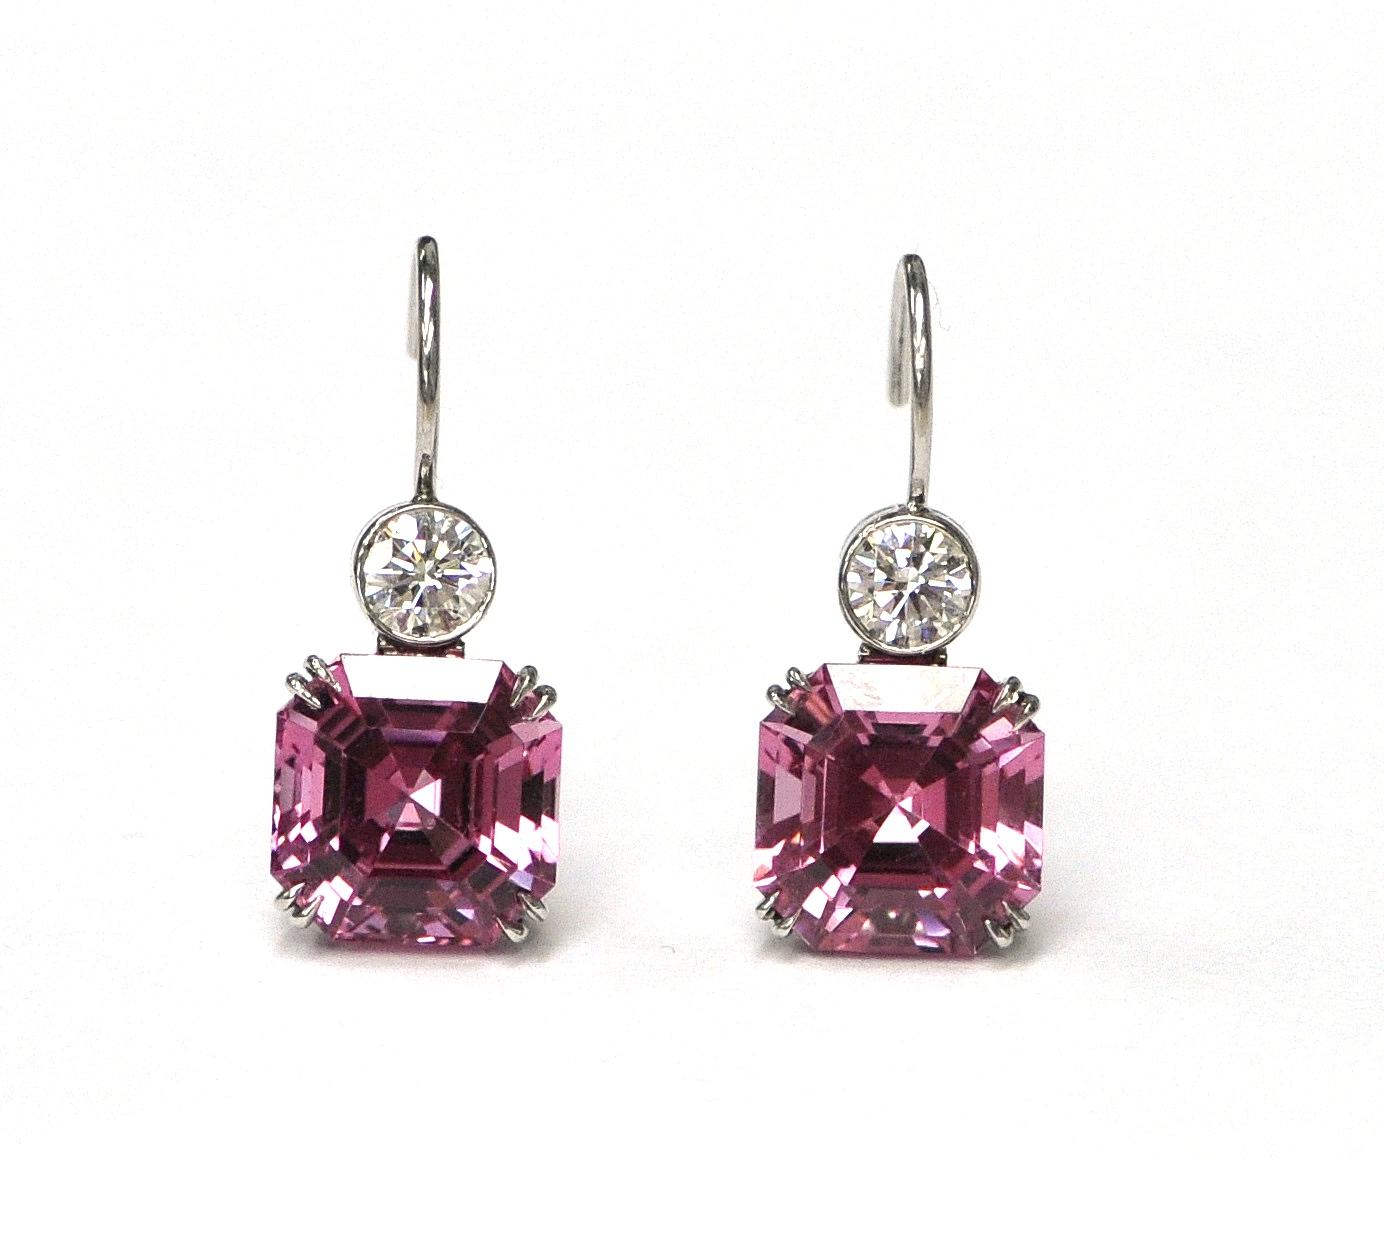 Spinel & Diamond Earrings